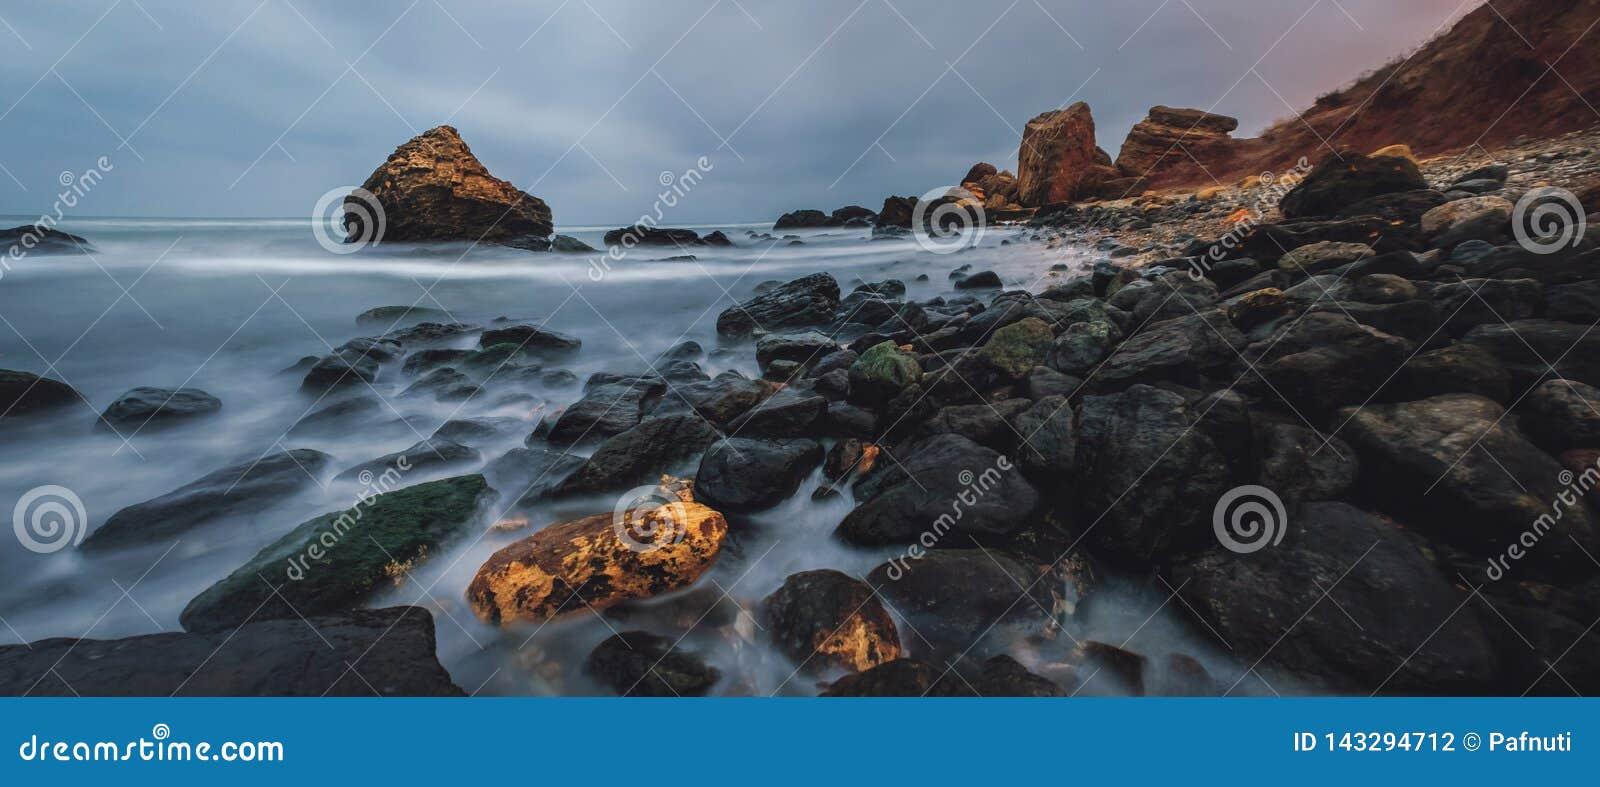 在黄昏的多岩石的海滩风景 傲德萨海滩在冬天